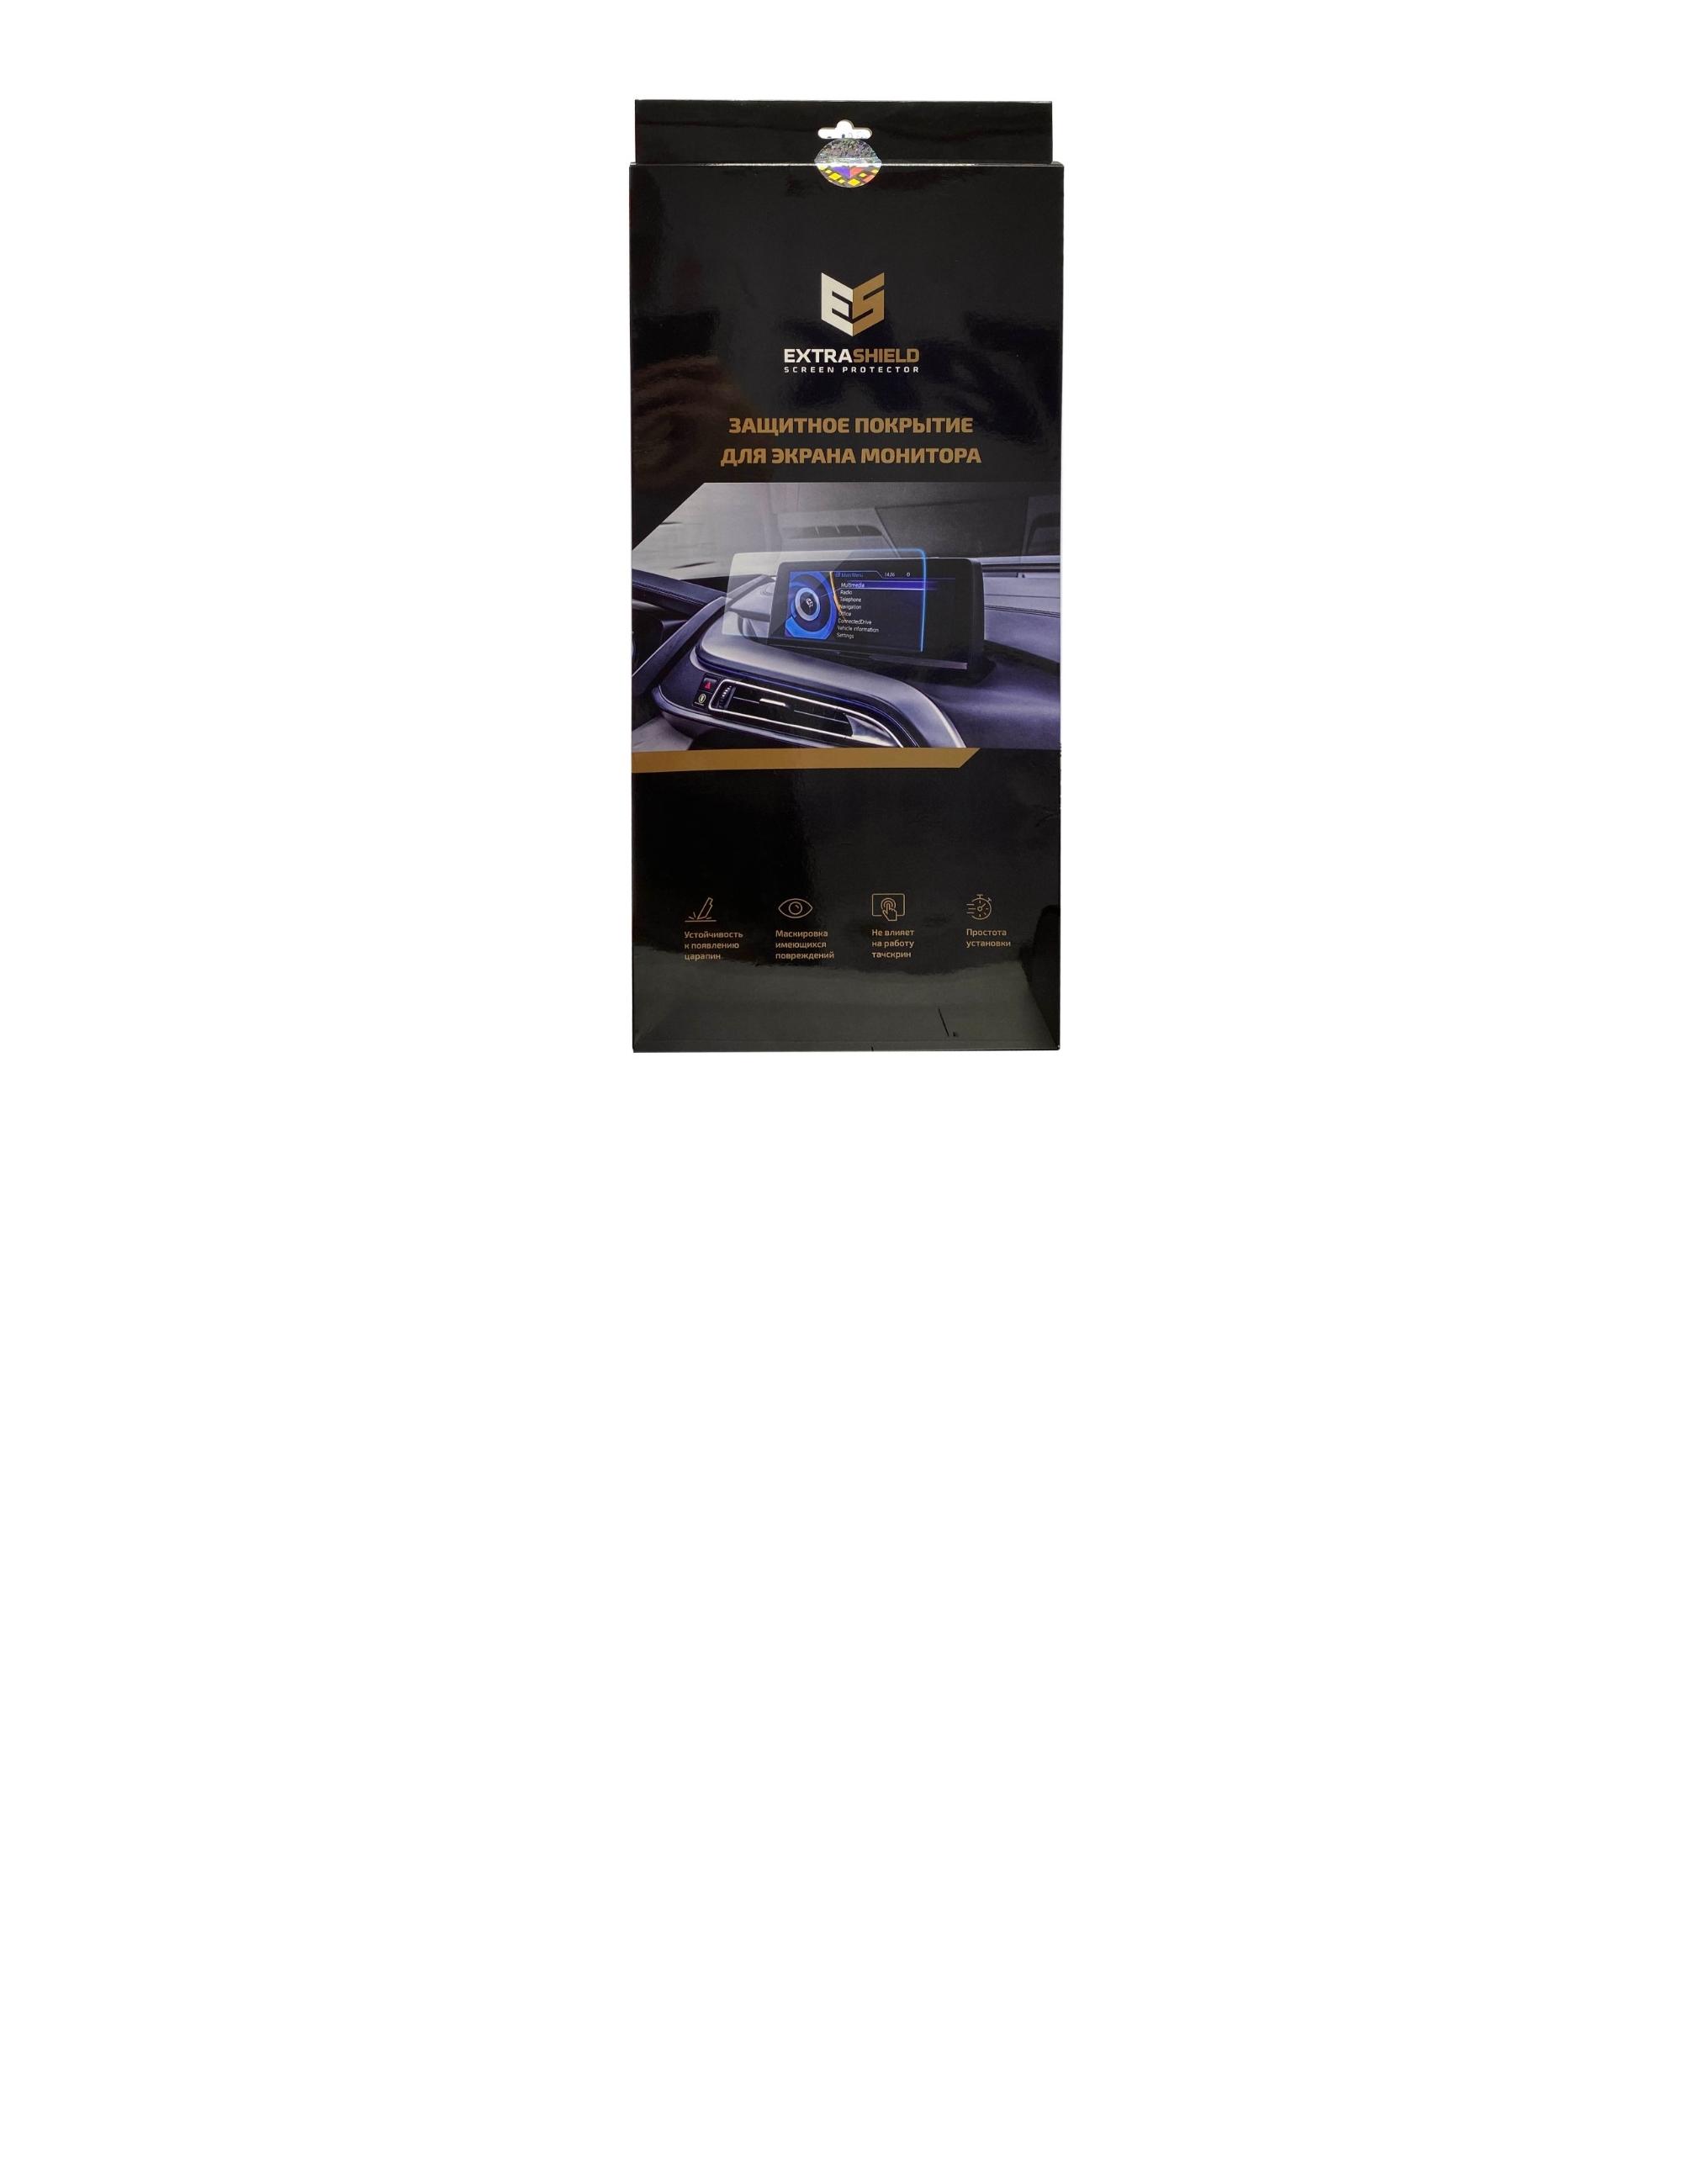 Mercedes-Benz A-class (W177) 2018 - н.в. приборная панель+мультимедиа 10,25 Защитное стекло Глянец